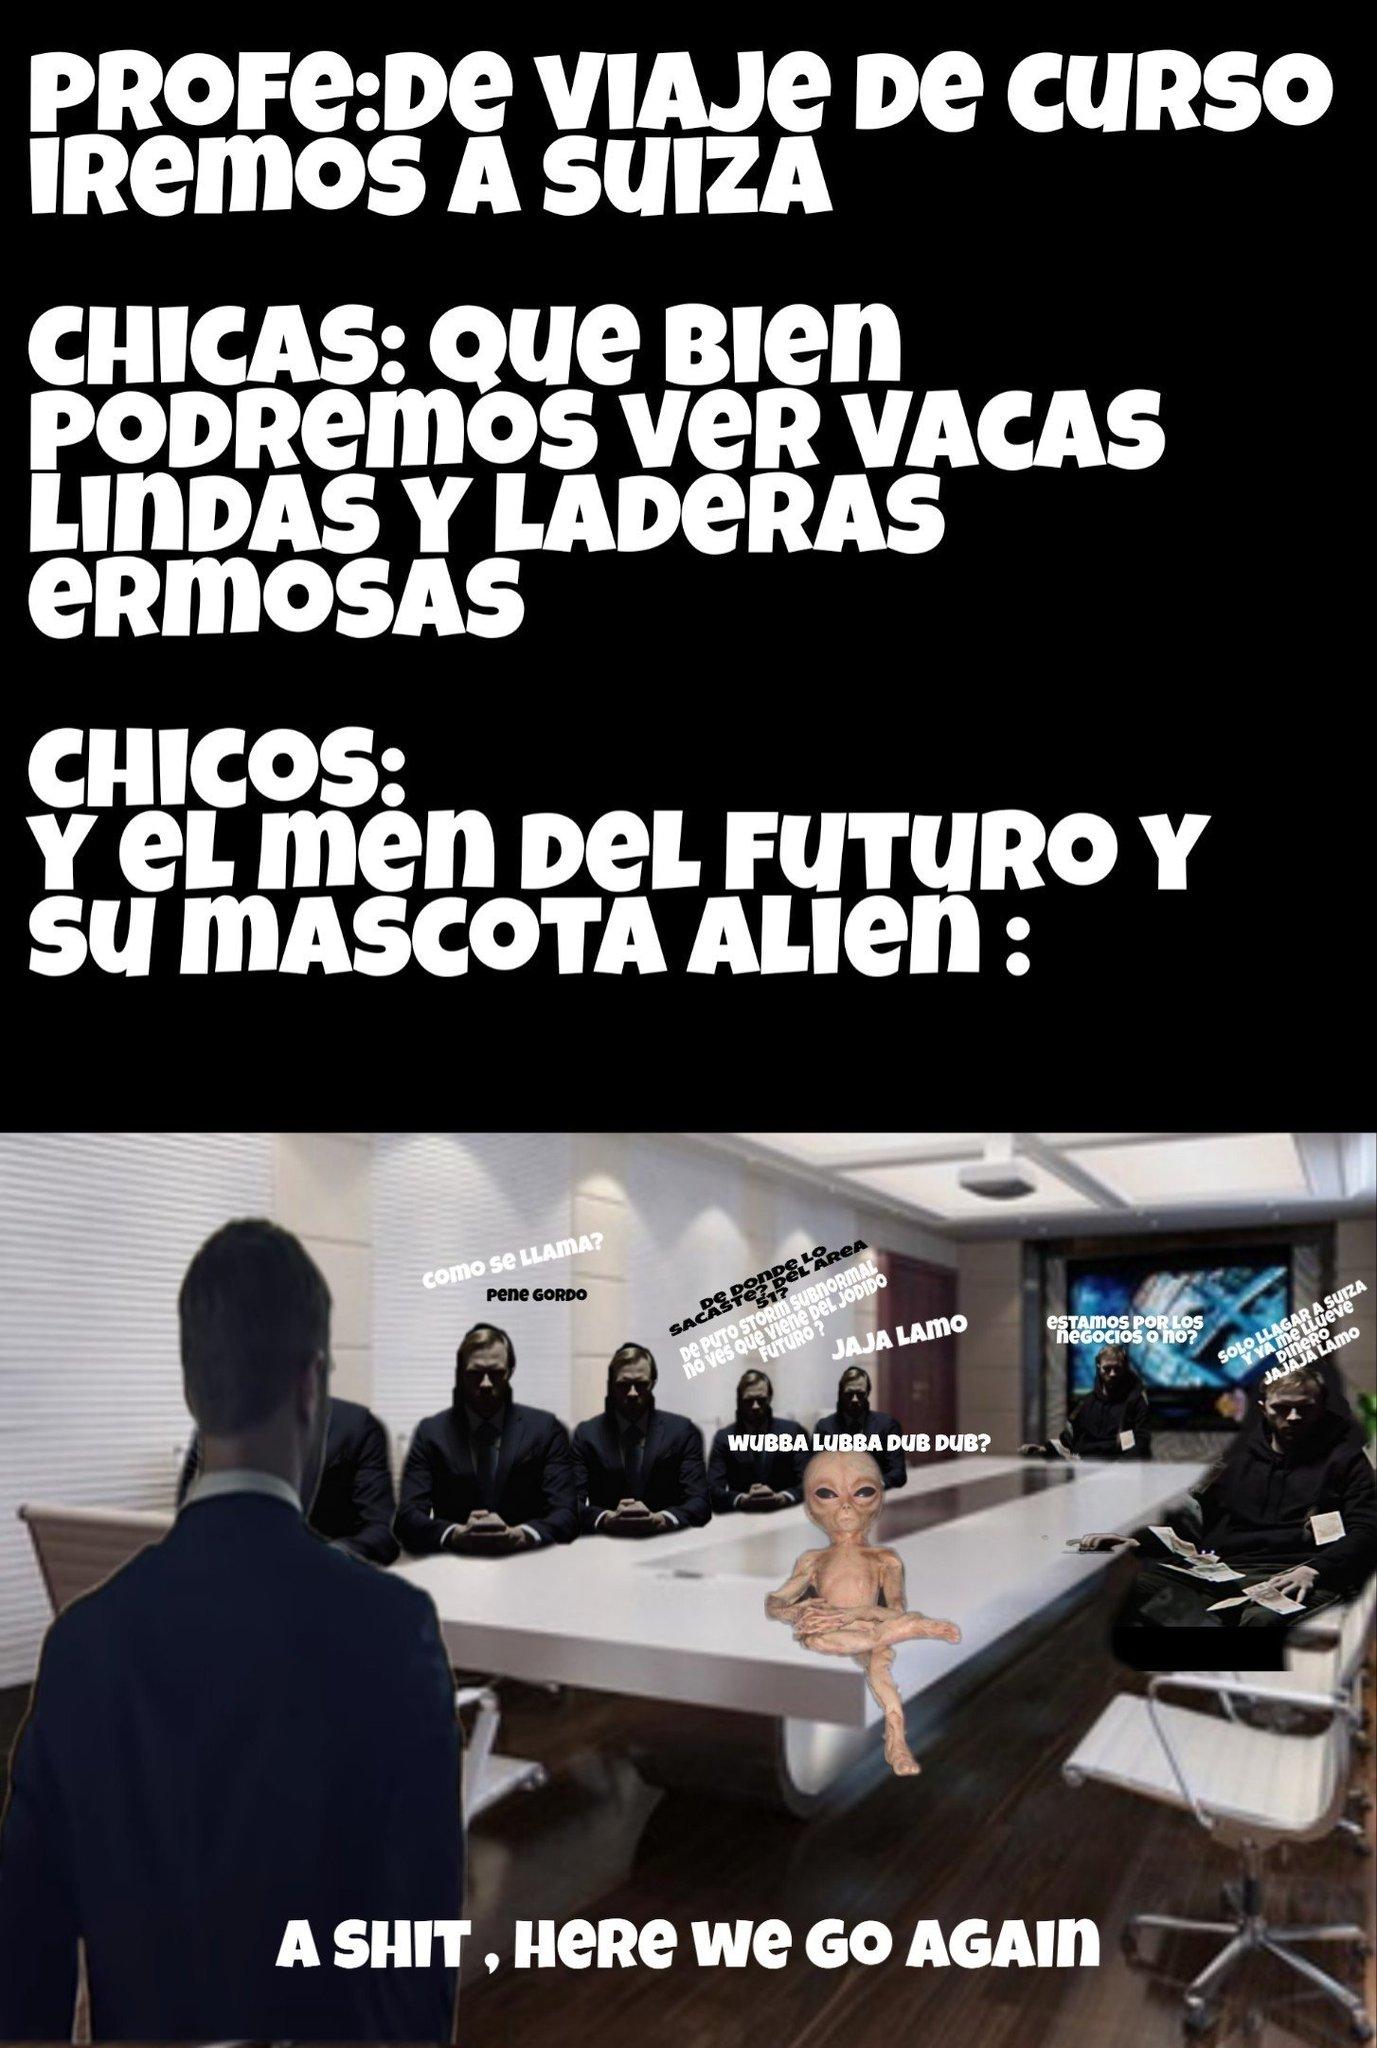 El men de futuro es uno de ellos - meme